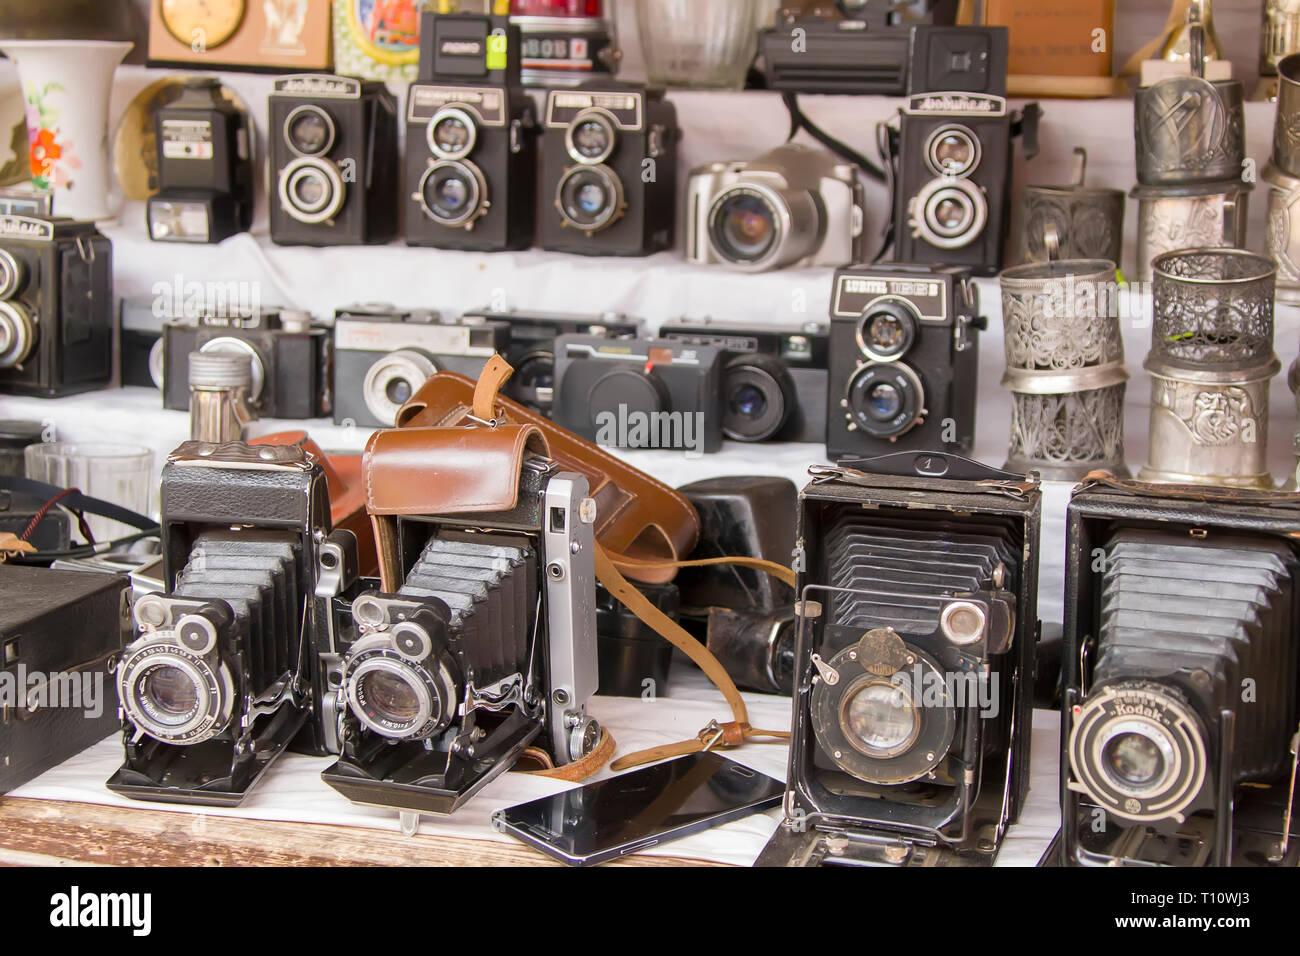 Moscú, 08 de junio de 2018. Mercado Central.cámaras Vintage. Equipos fotográficos antiguos Foto de stock